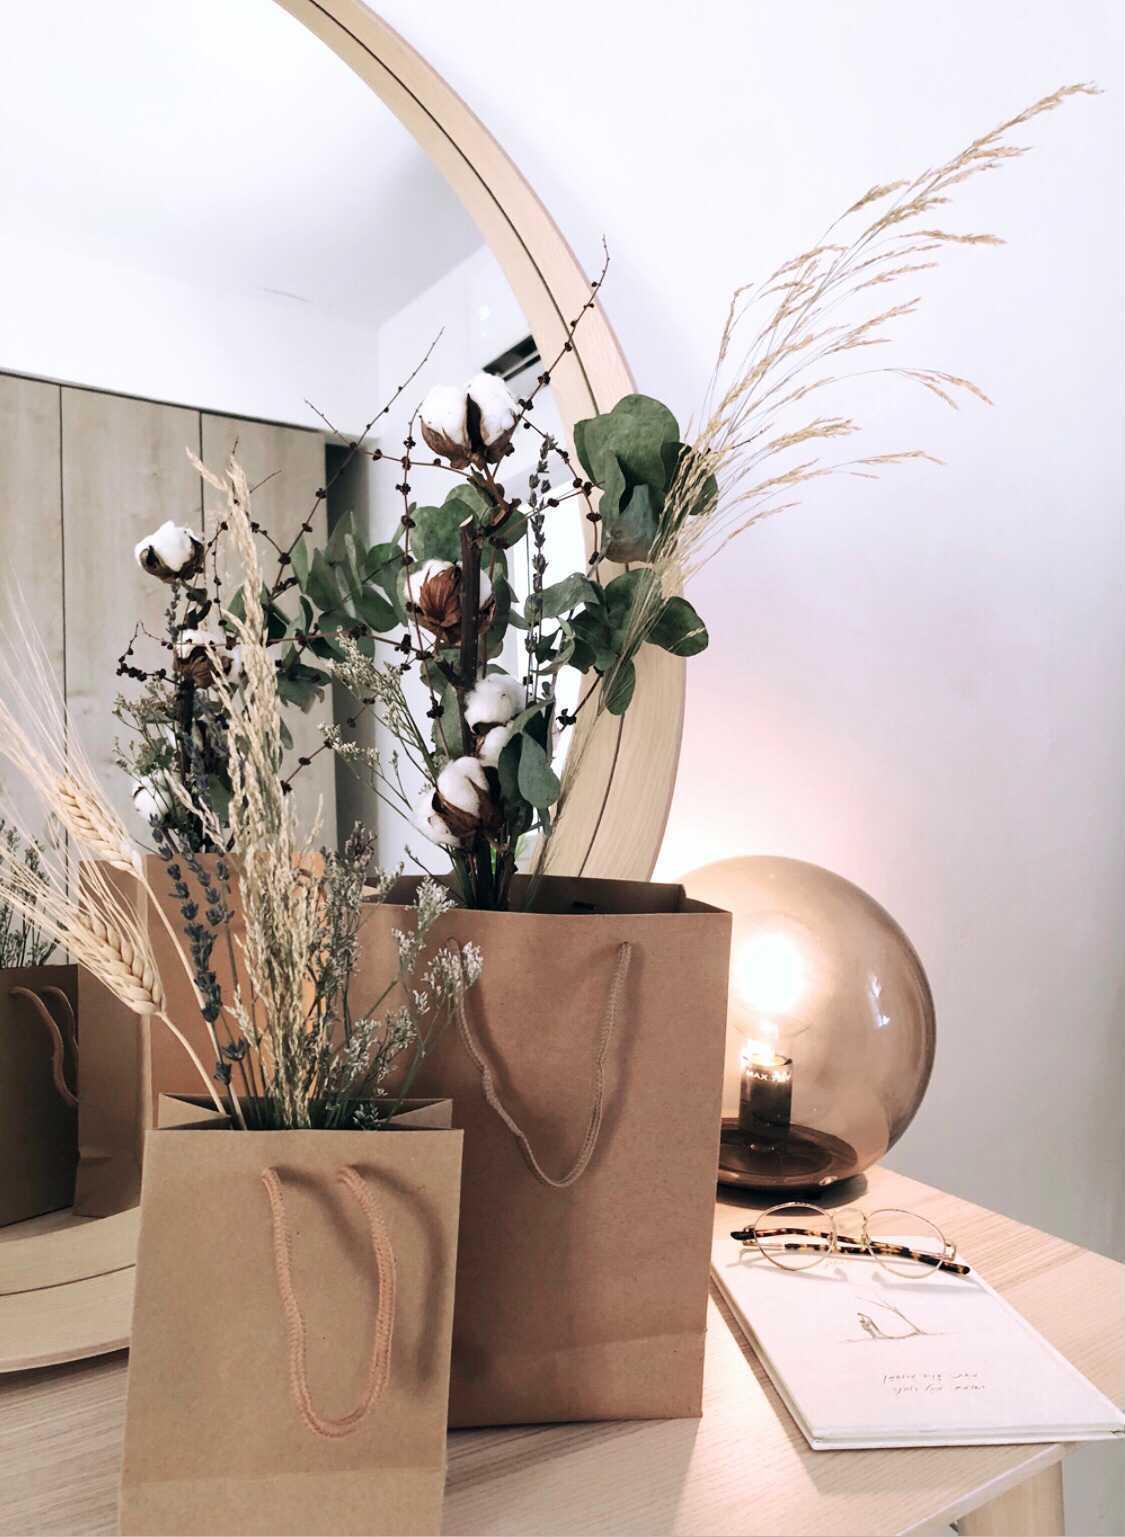 סידורי פרחים מיובשים כותנה פמפס אקליפטוס חיטה לבנדר יבשים בשקיות חומות של ליקות על שולחן חדר שינה מעוצב